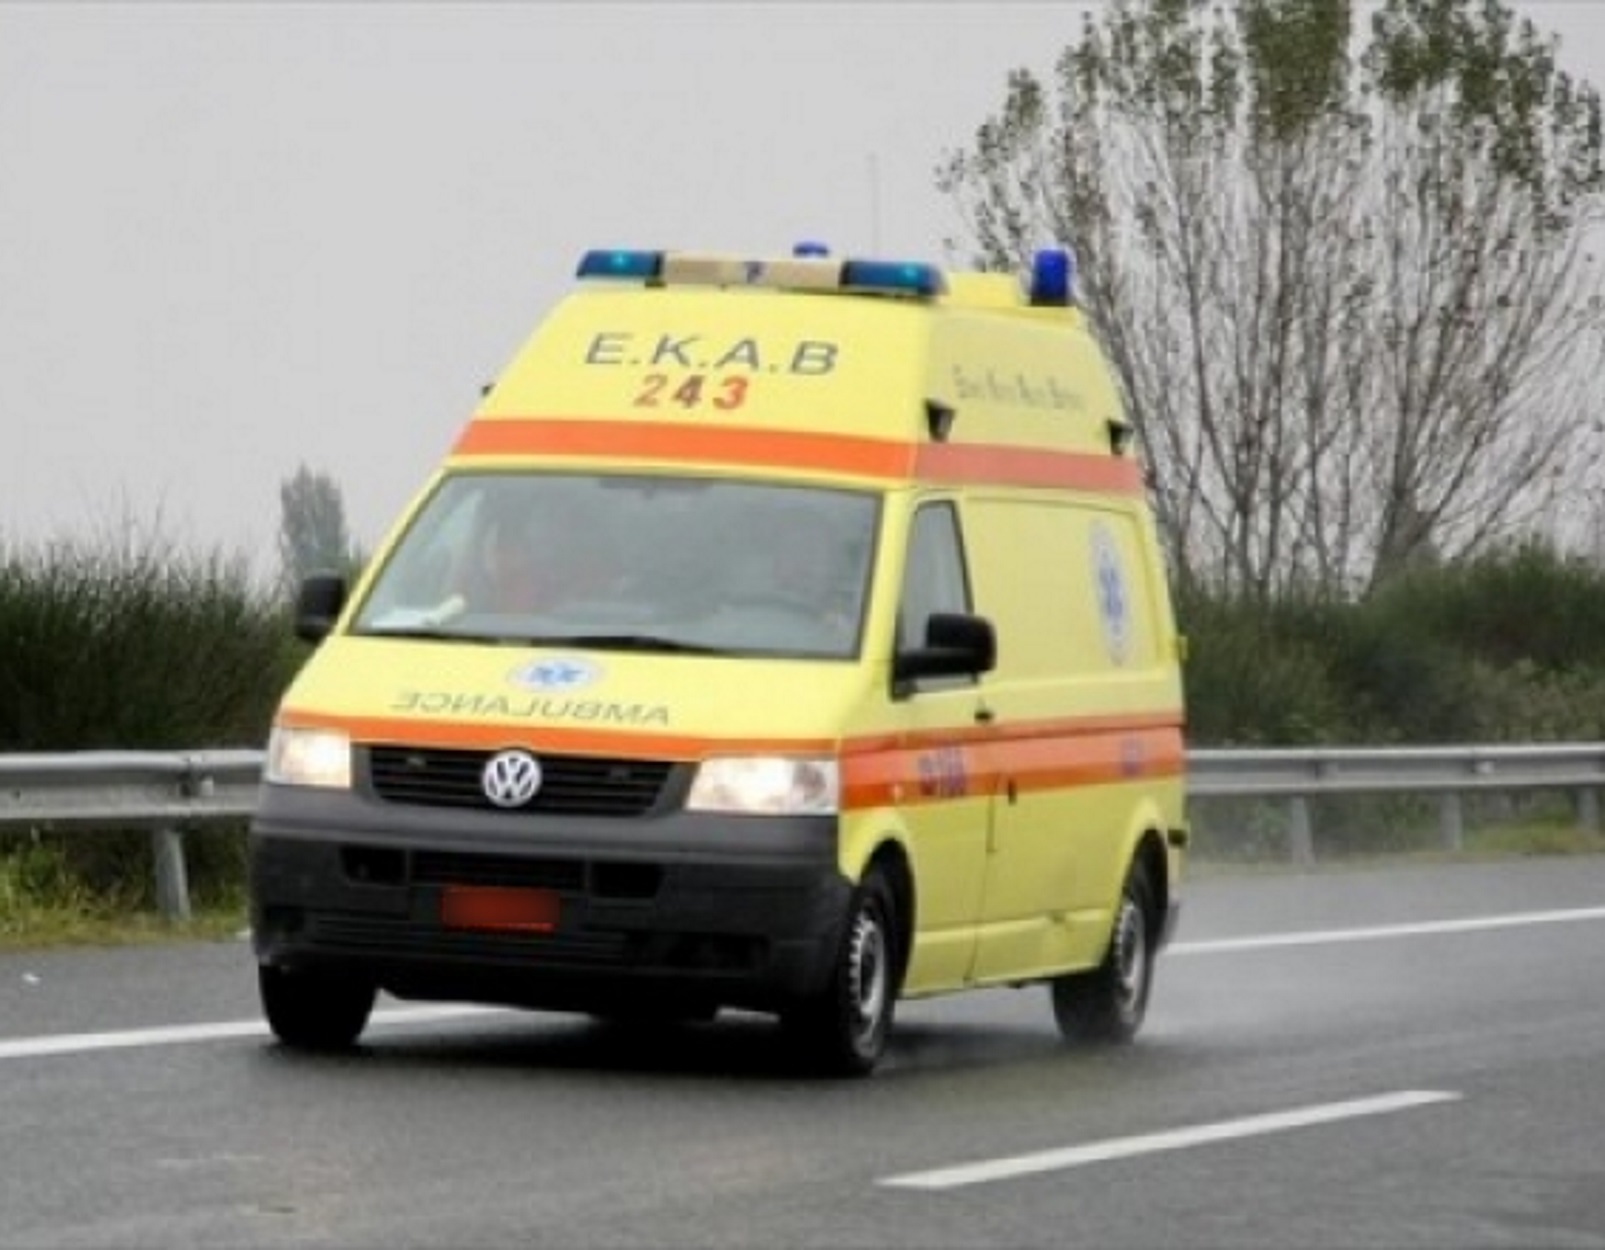 Τρίκαλα: Ανατριχιαστικός θάνατος ηλικιωμένου – Τυλίχθηκε στις φλόγες και έπεσε από το μπαλκόνι!